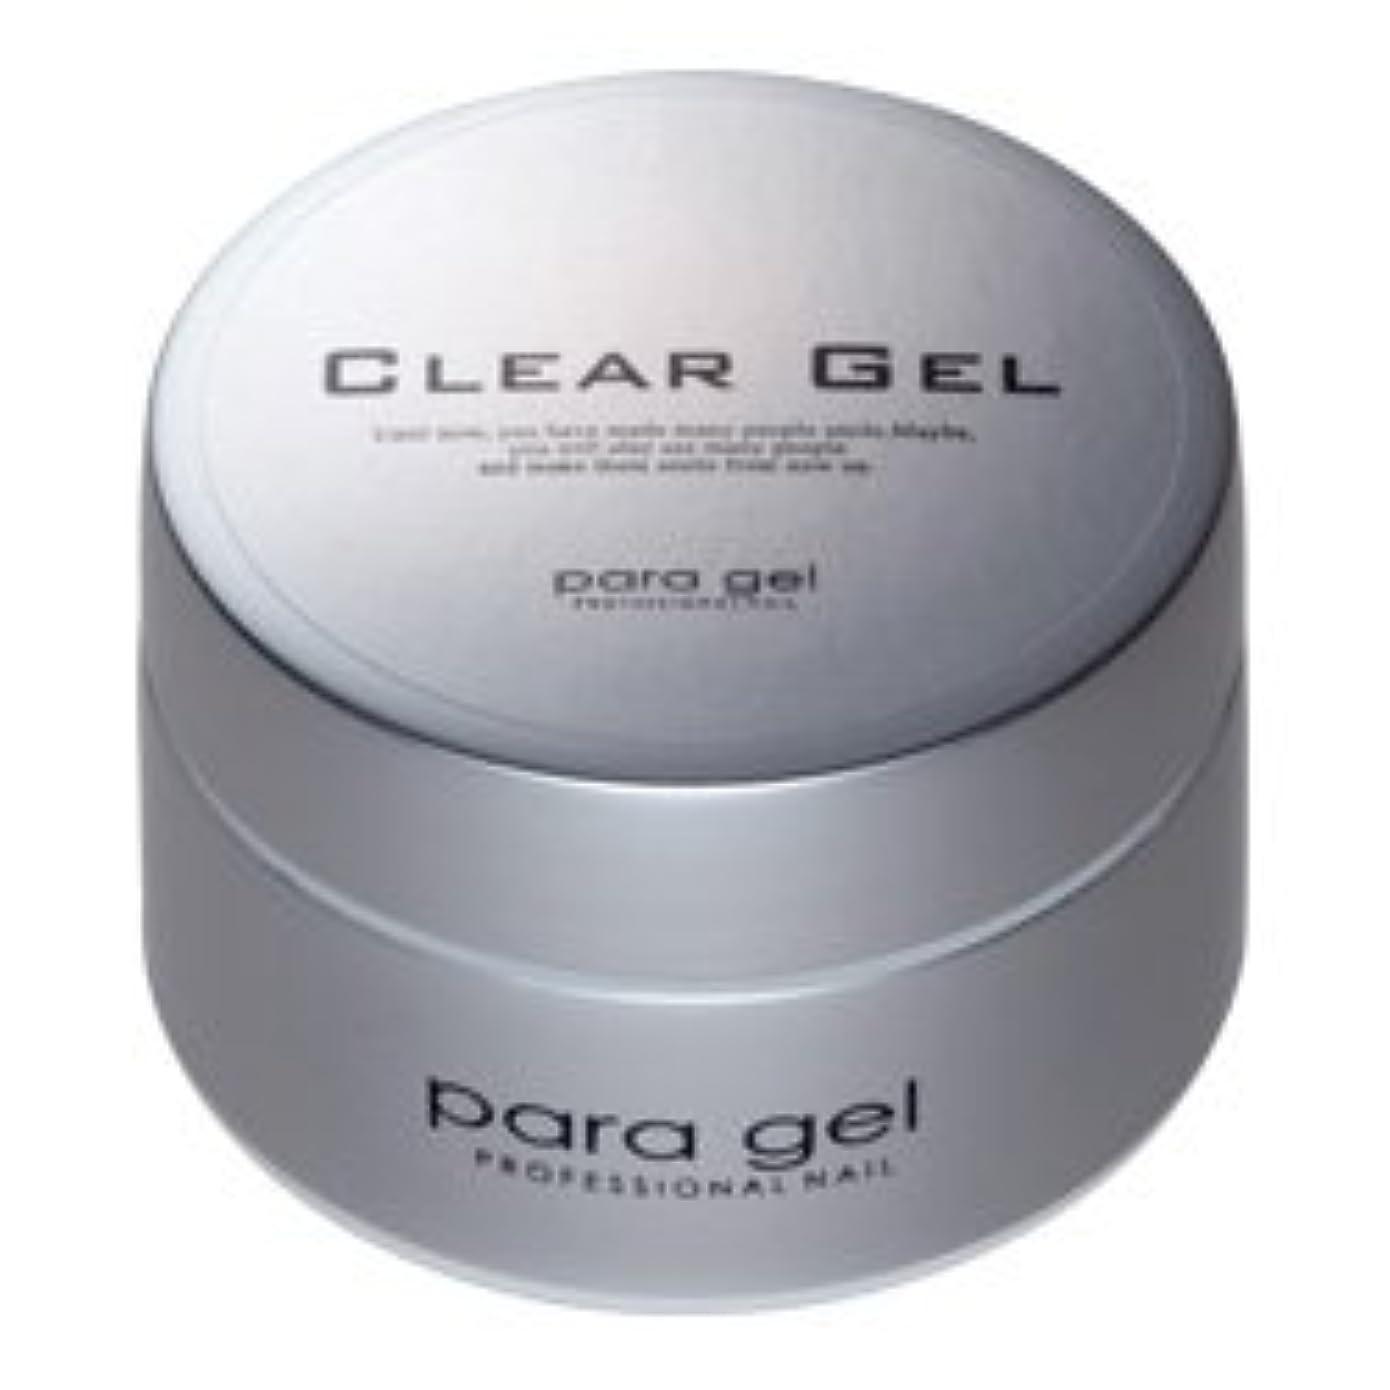 ただ繊細ボール★para gel(パラジェル) <BR>クリアジェル 10g